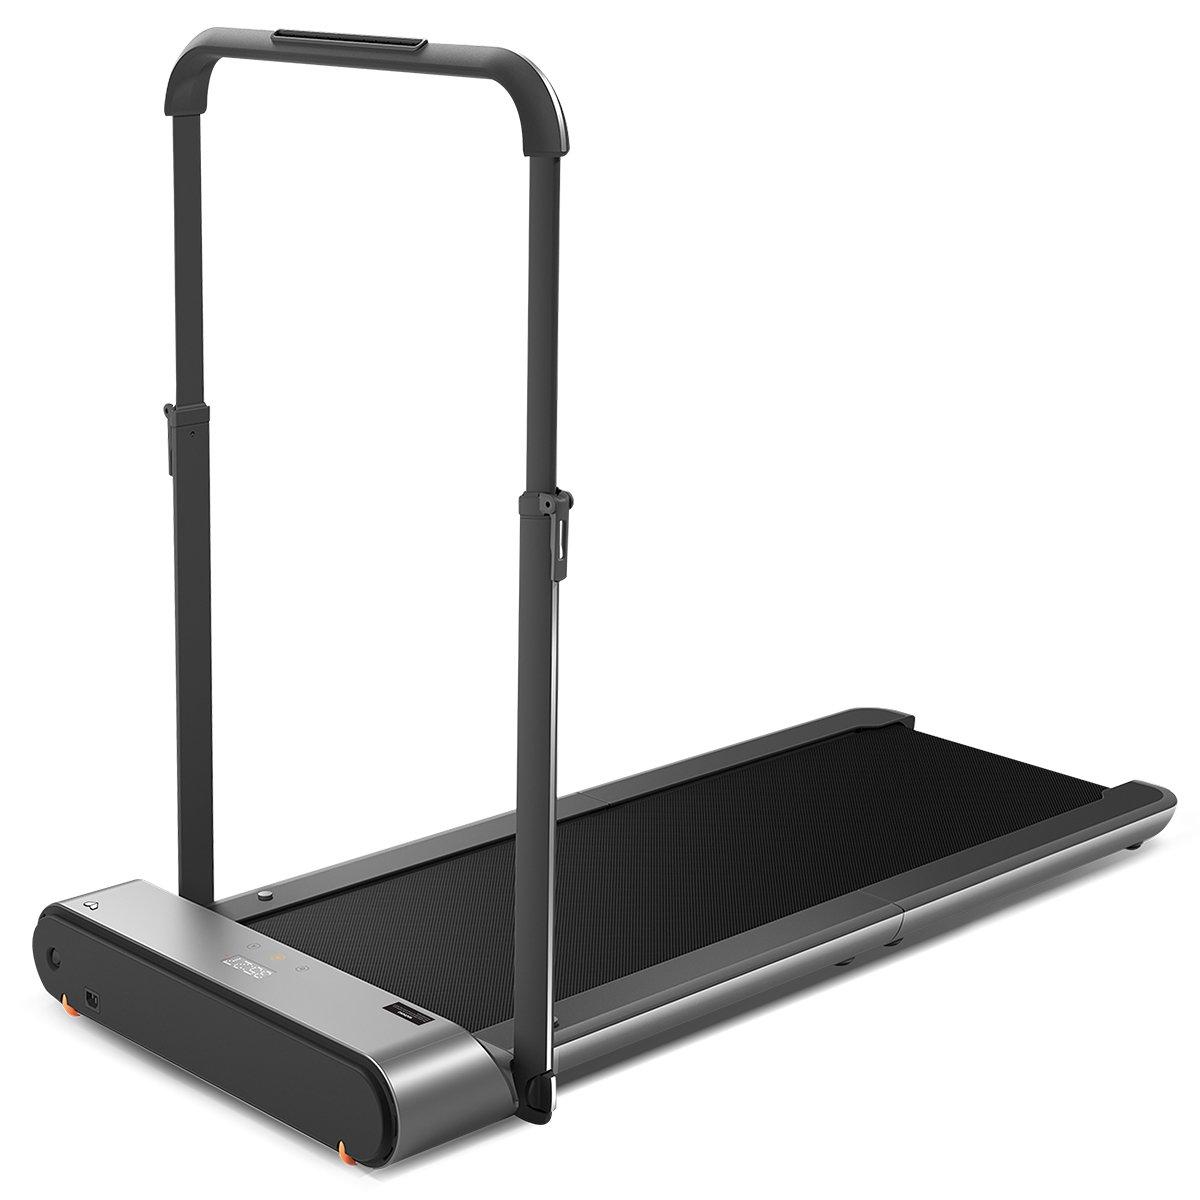 WalkingPad Pro Treadmill *JUST ARRIVED & SELLING FAST*